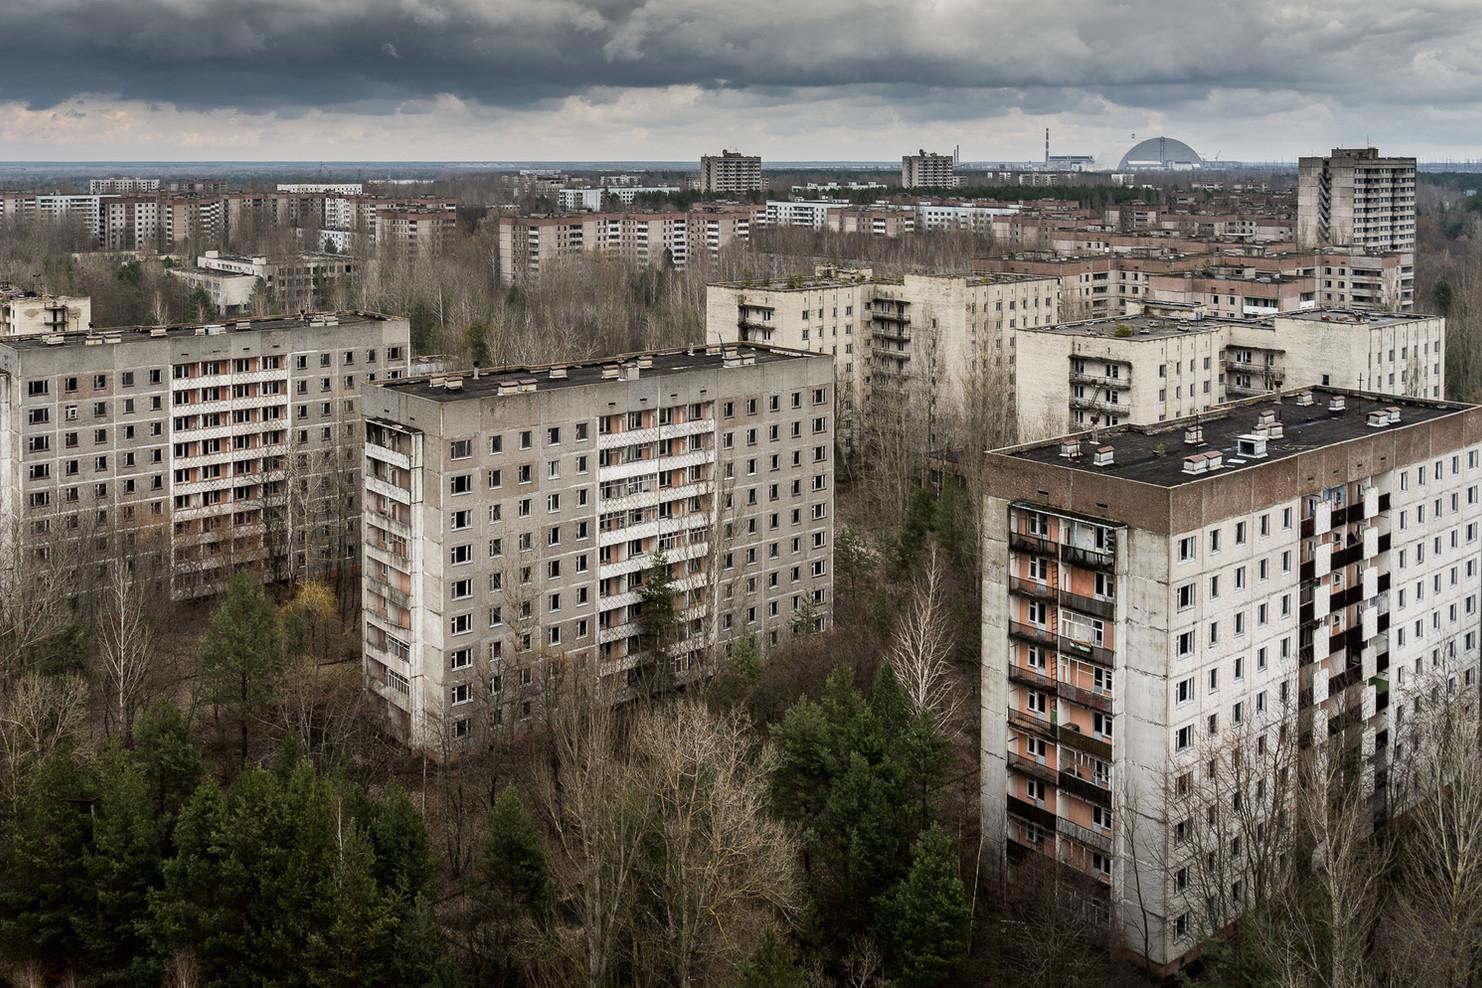 Les toits de la ville avec au loin, la centrale